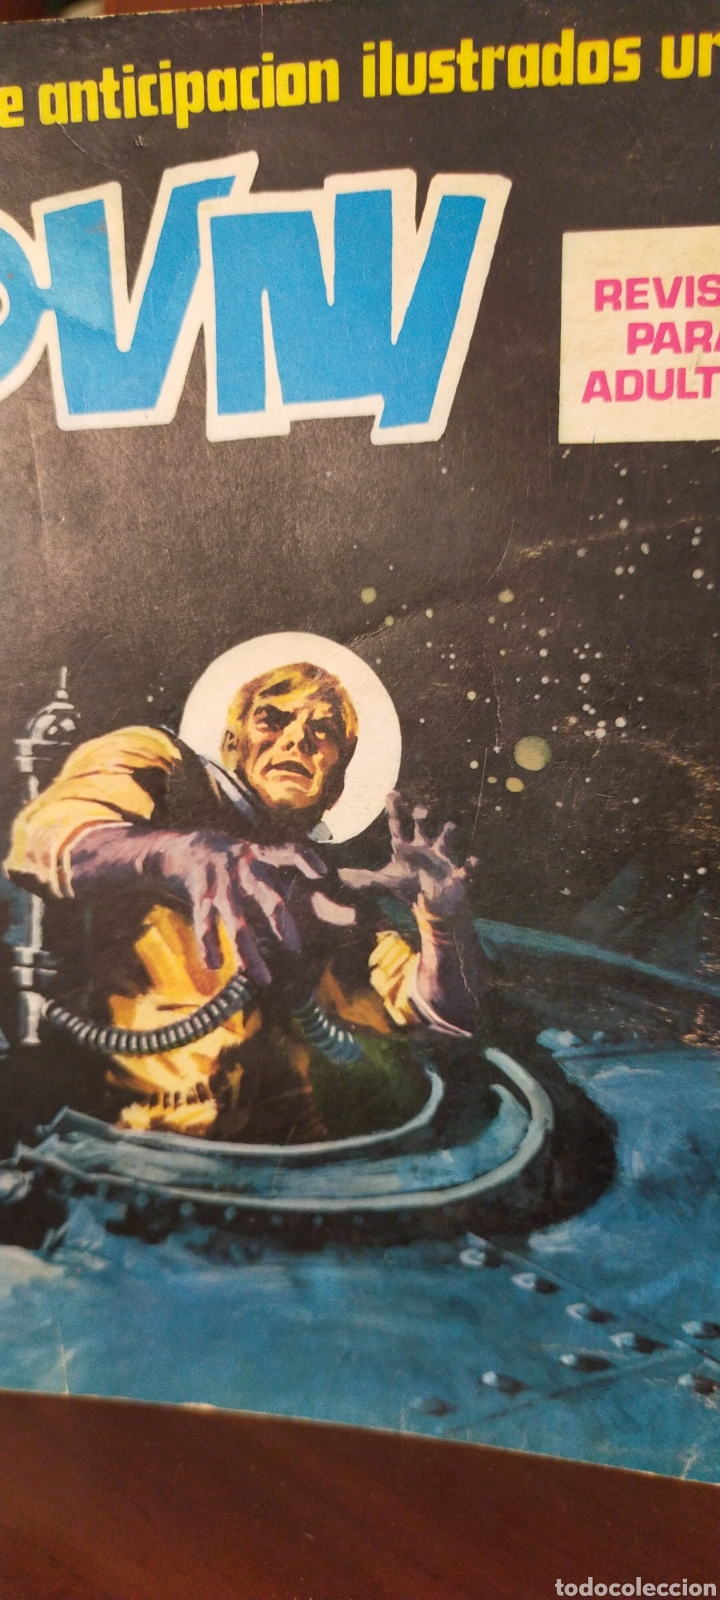 RELATOS DE ANTICIPACIÓN ILUSTRADOS URSUS OVNI NÚMERO 1 EDITORIAL URSUS (Tebeos y Comics - Ursus)